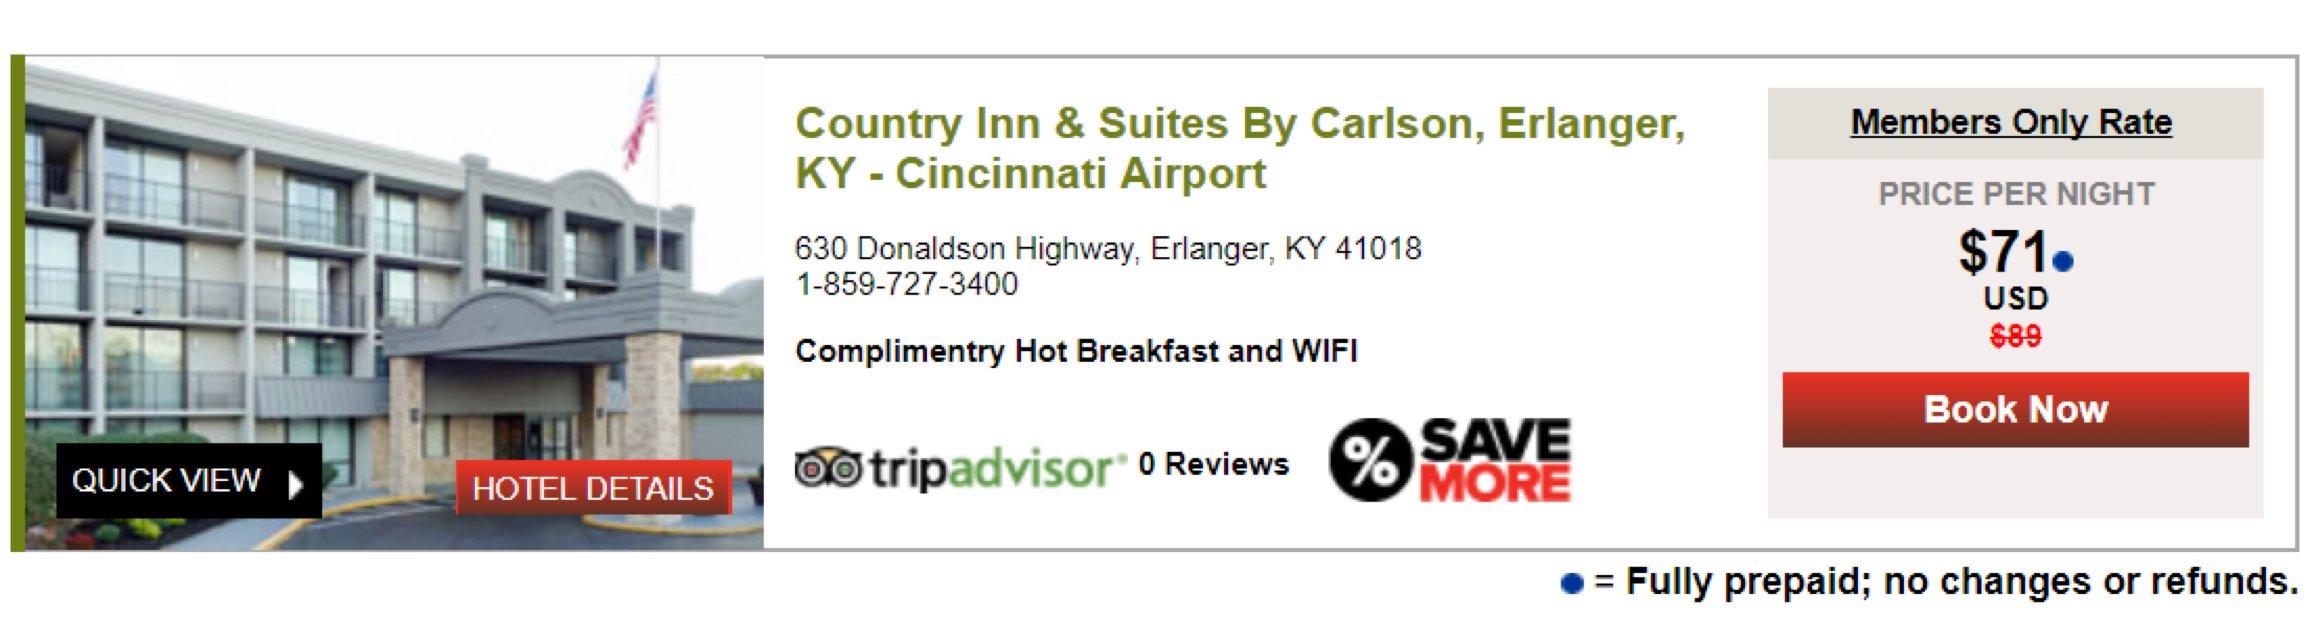 Club Carlson - Country Inn & Suites CVG